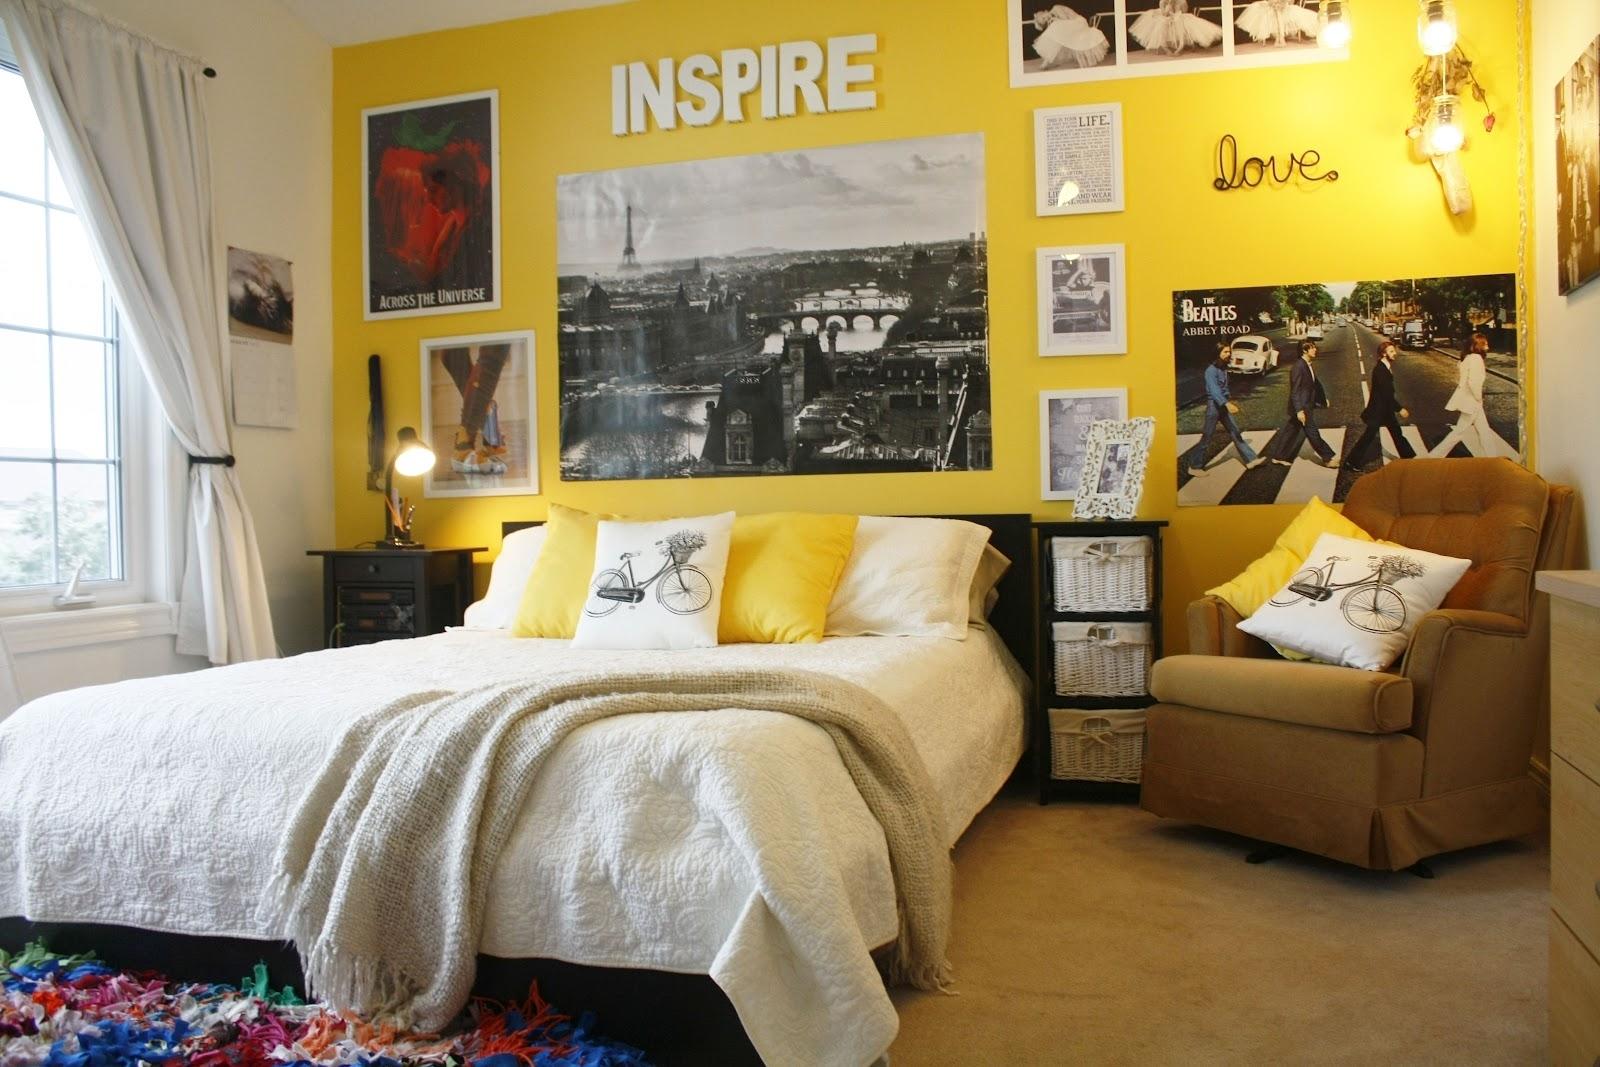 Creative Hippie Wall Decor | Home Design Ideas : Hippie Wall Decor For Recent Yellow Wall Accents (View 9 of 15)